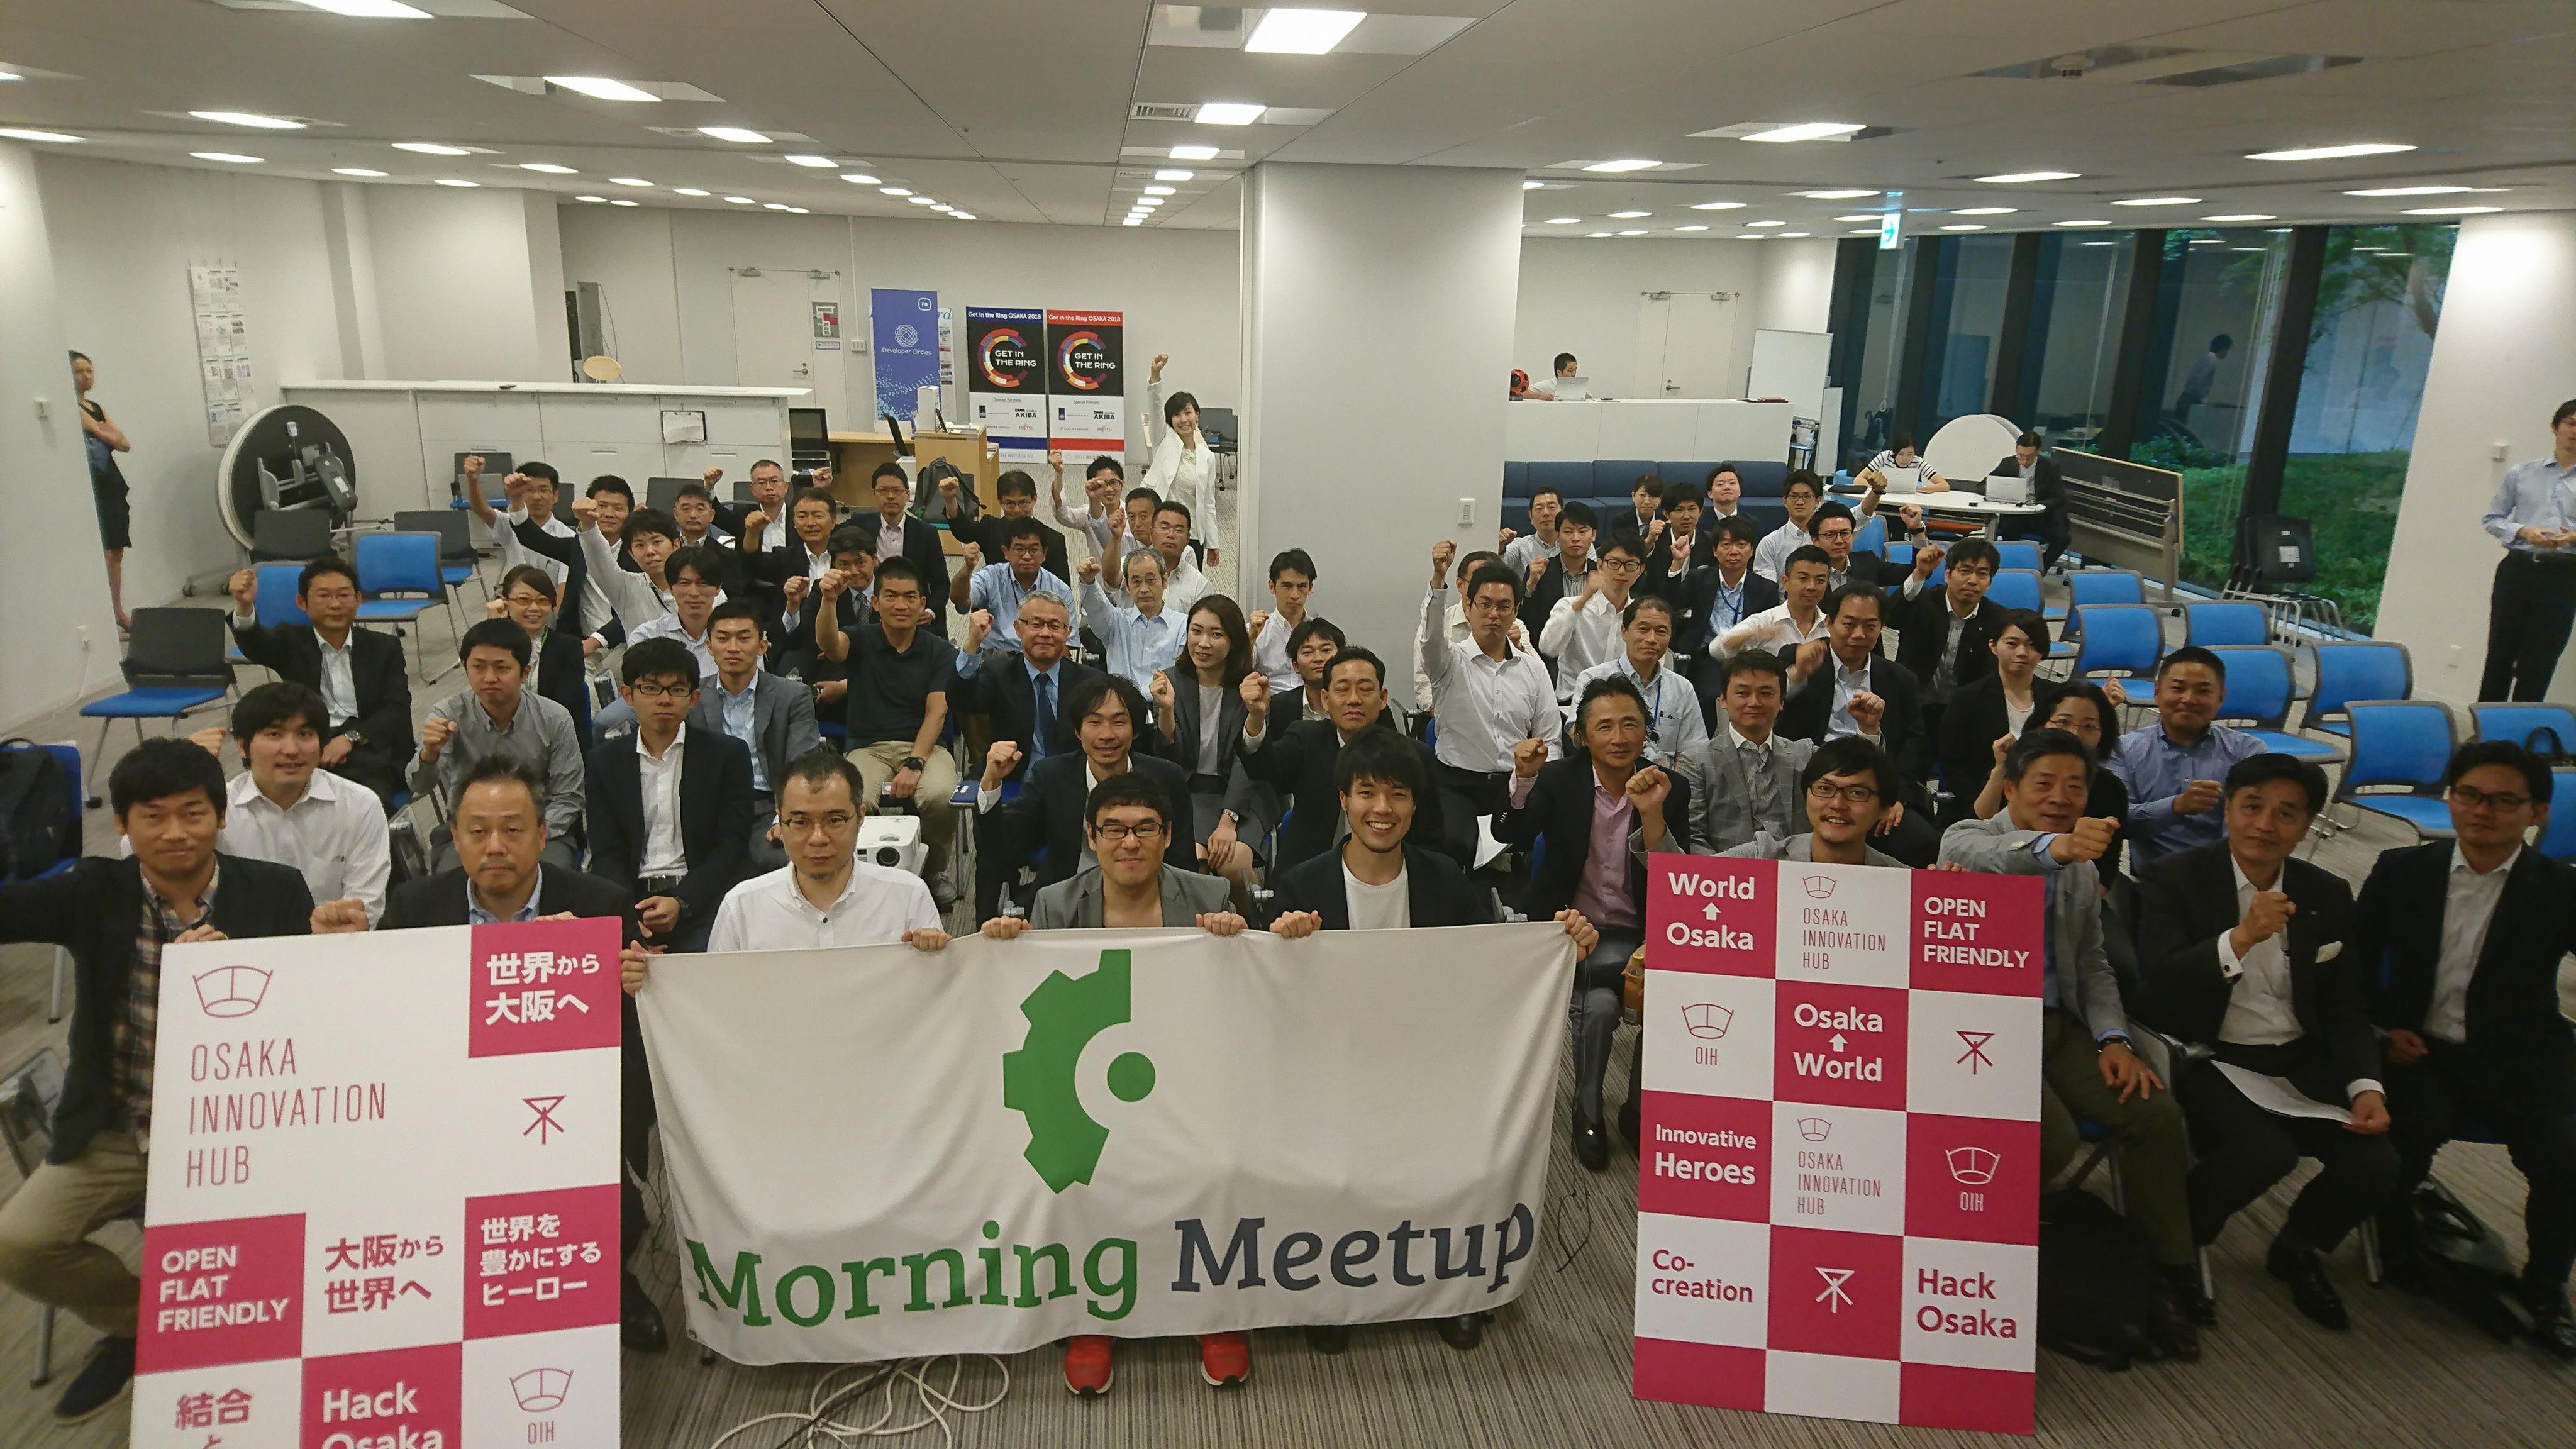 弊社代表が大阪イノベーションハブのMorning Meetupに登壇しました